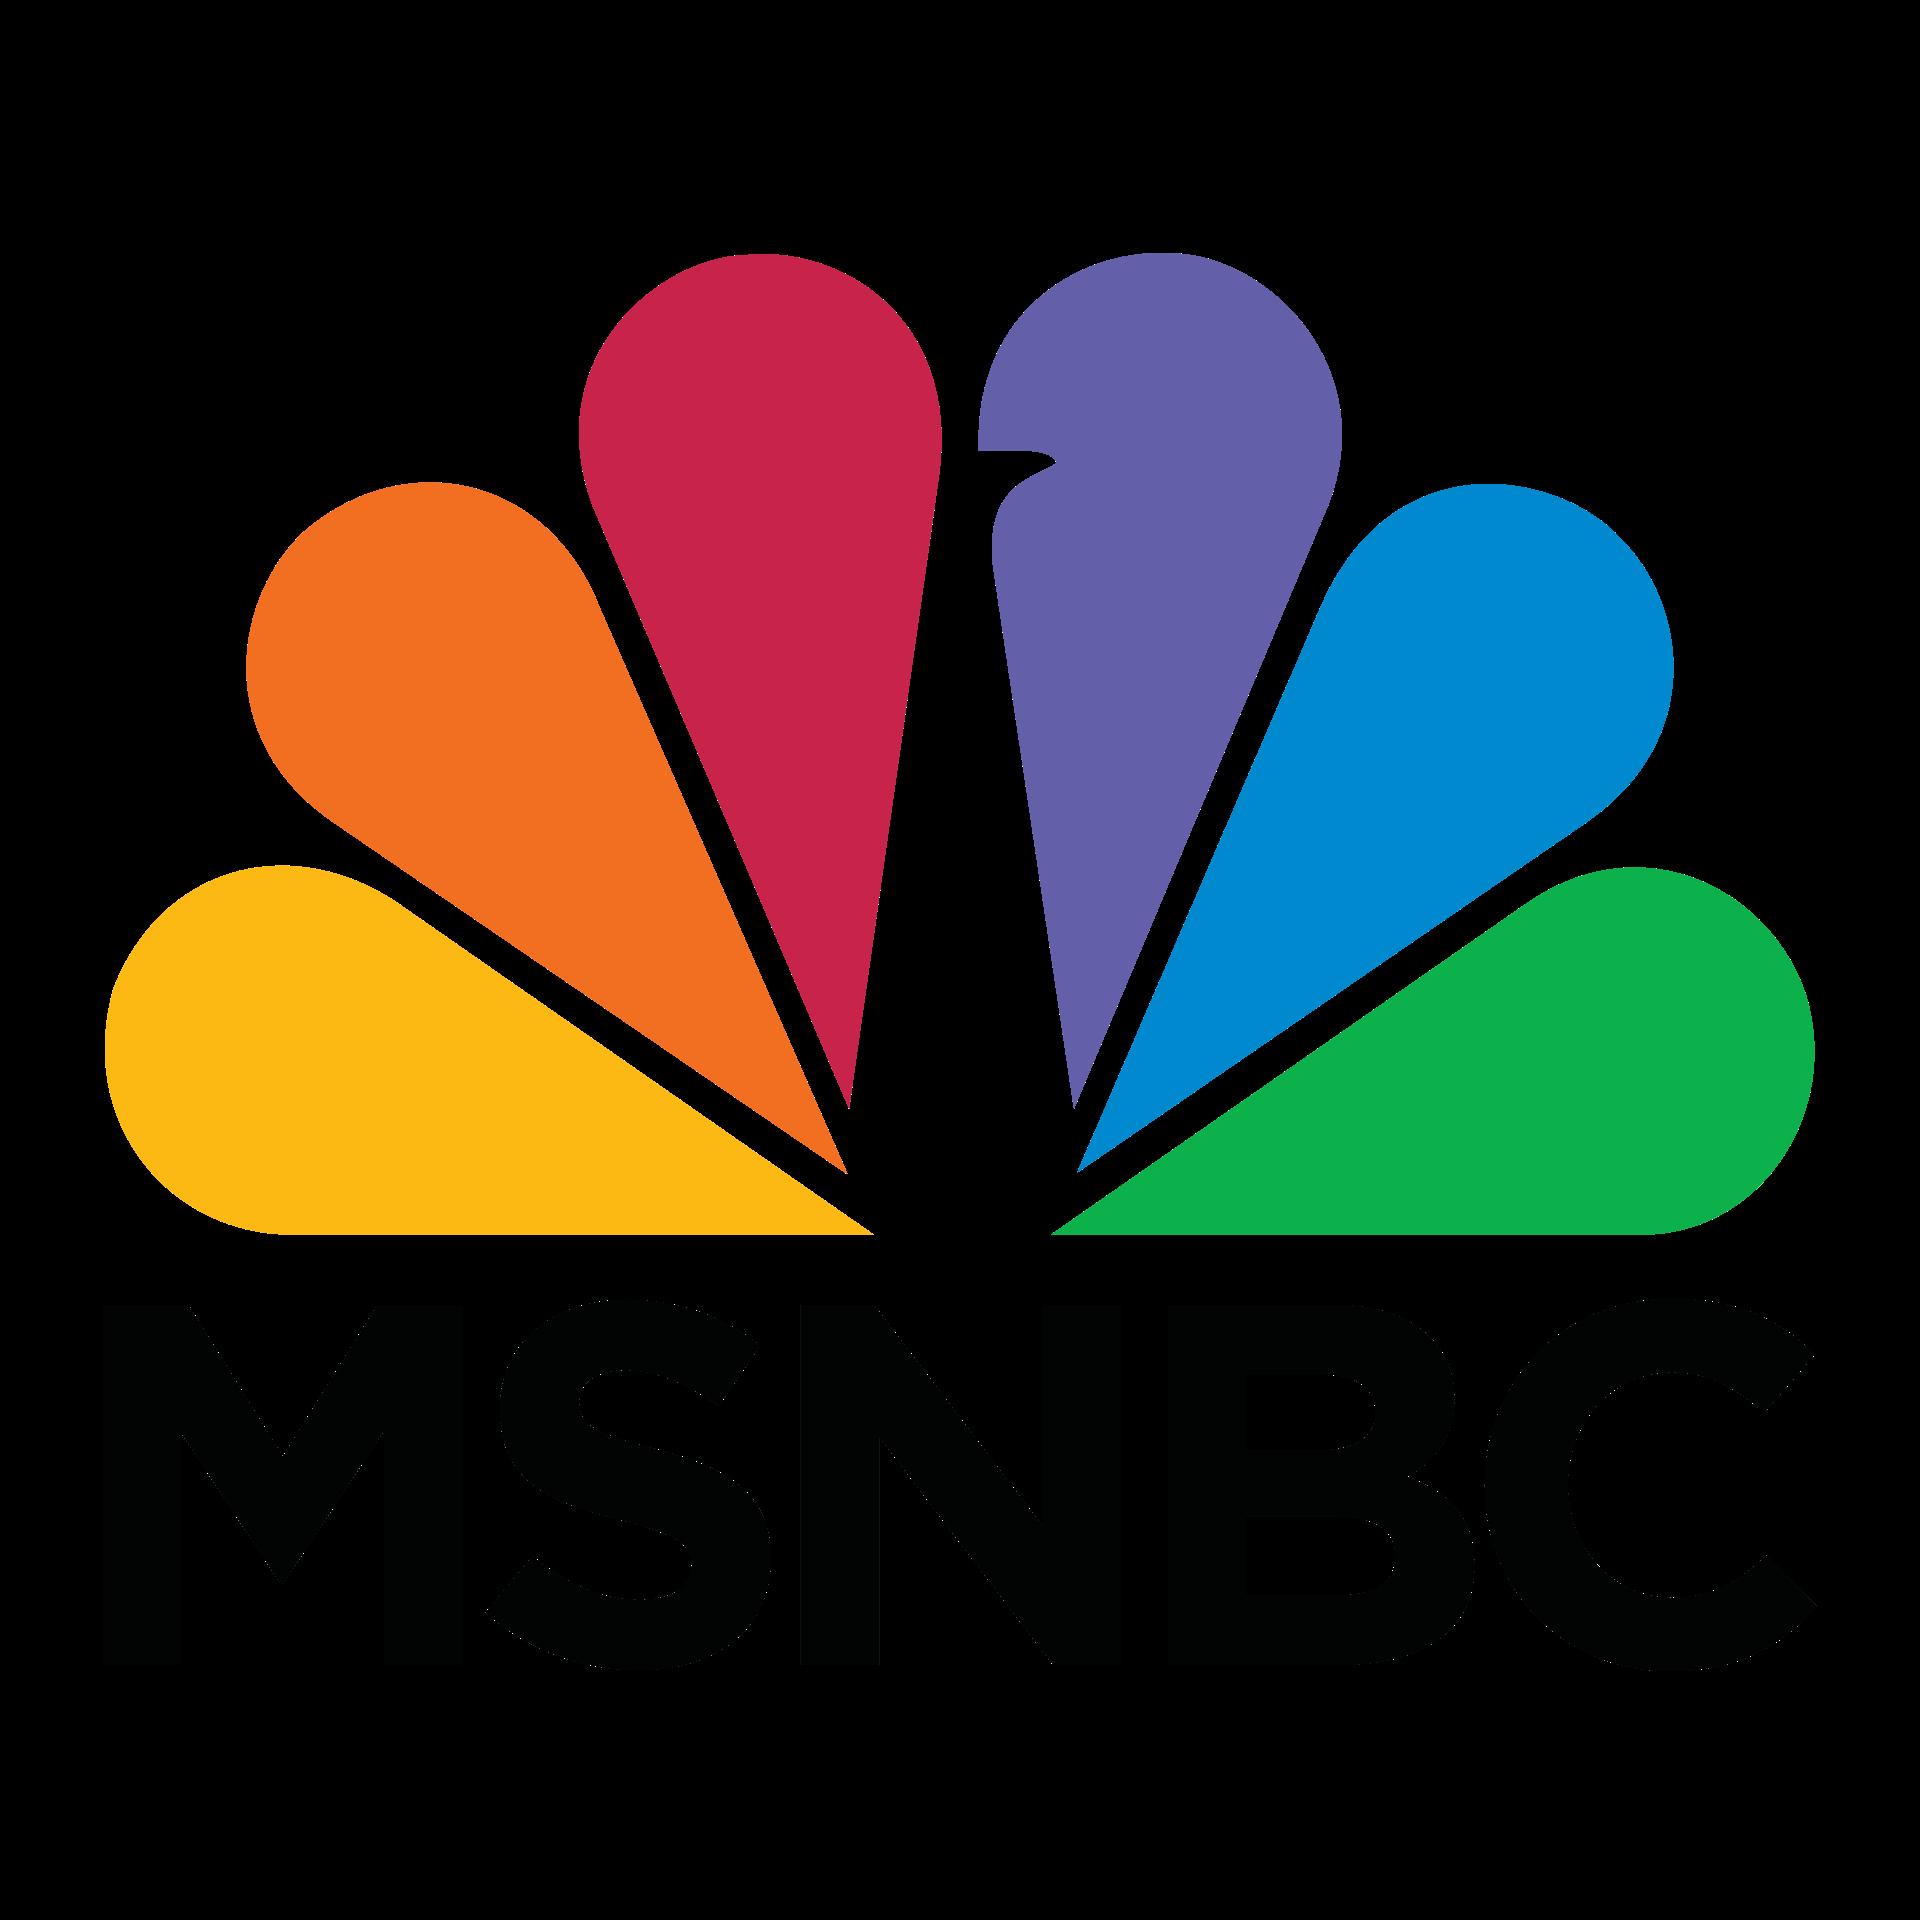 msnbc-logo-png--1920.png